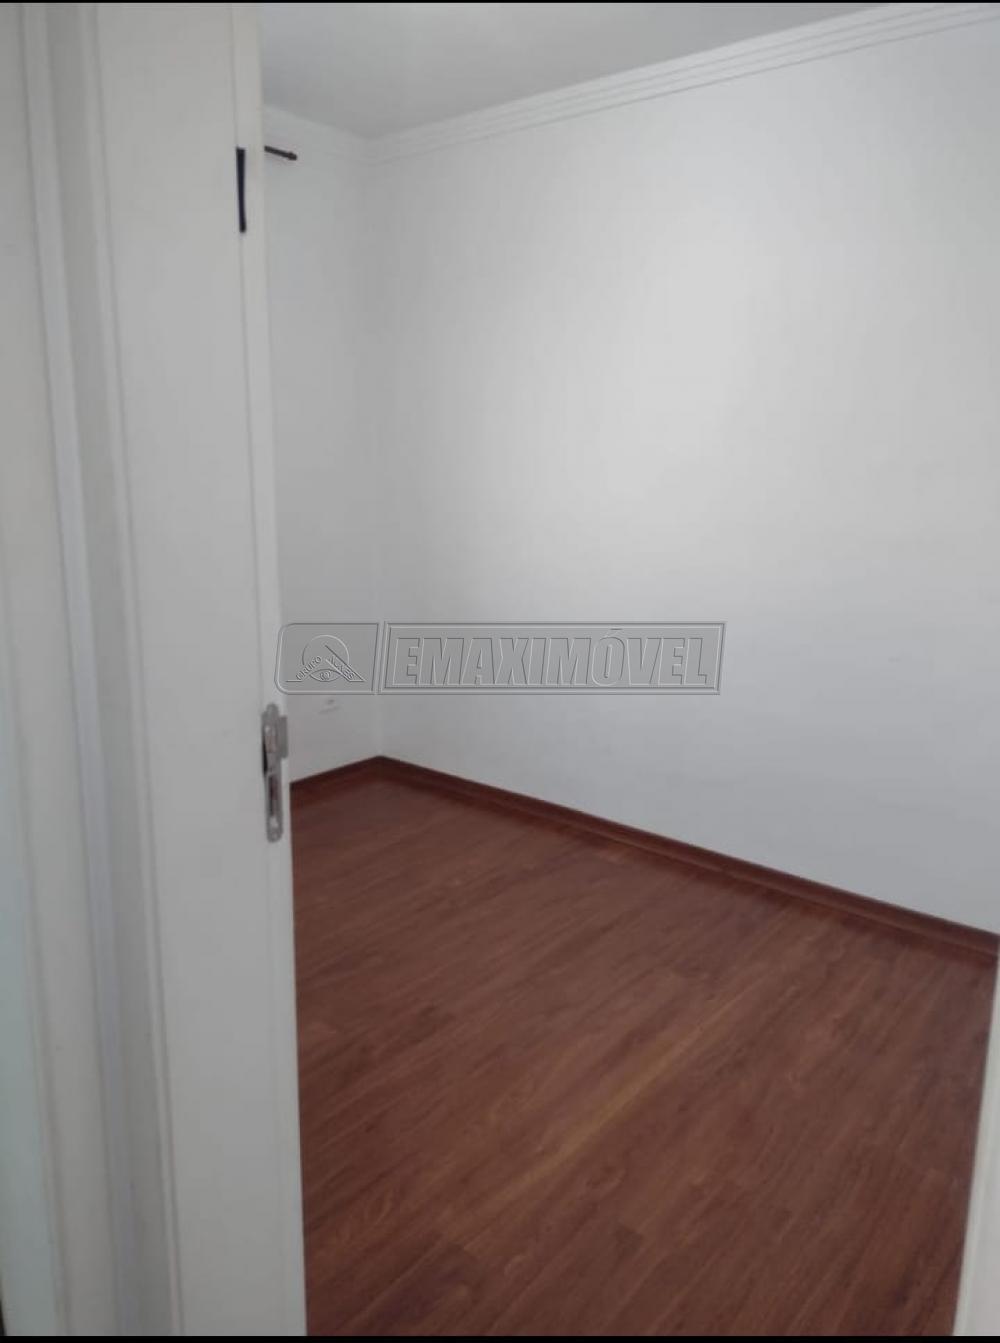 Comprar Apartamento / Padrão em Sorocaba R$ 150.000,00 - Foto 3